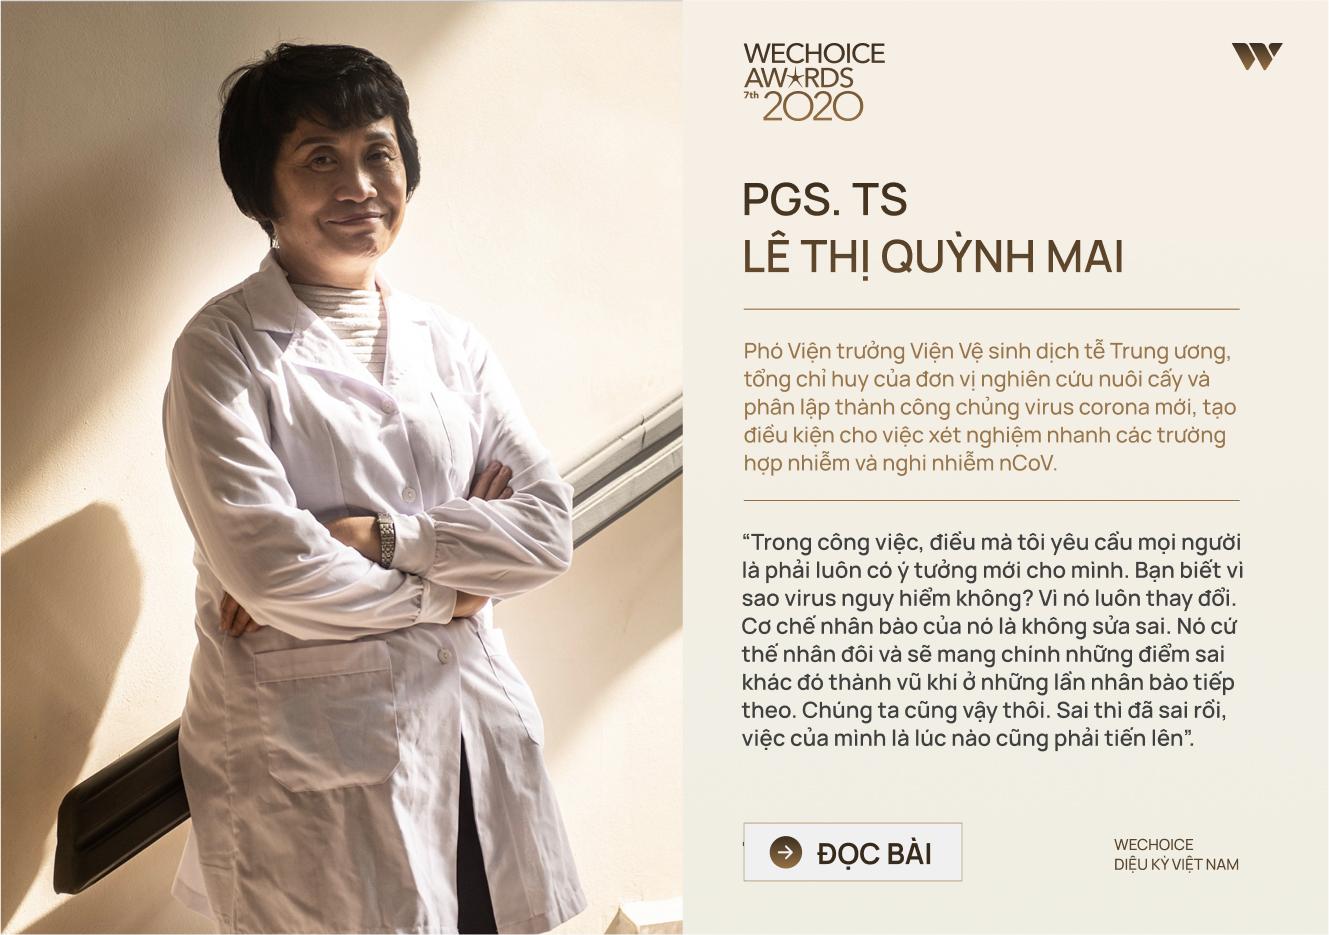 20 đề cử nhân vật truyền cảm hứng của WeChoice Awards 2020: Những câu chuyện tạo nên Diệu kỳ Việt Nam - Ảnh 7.